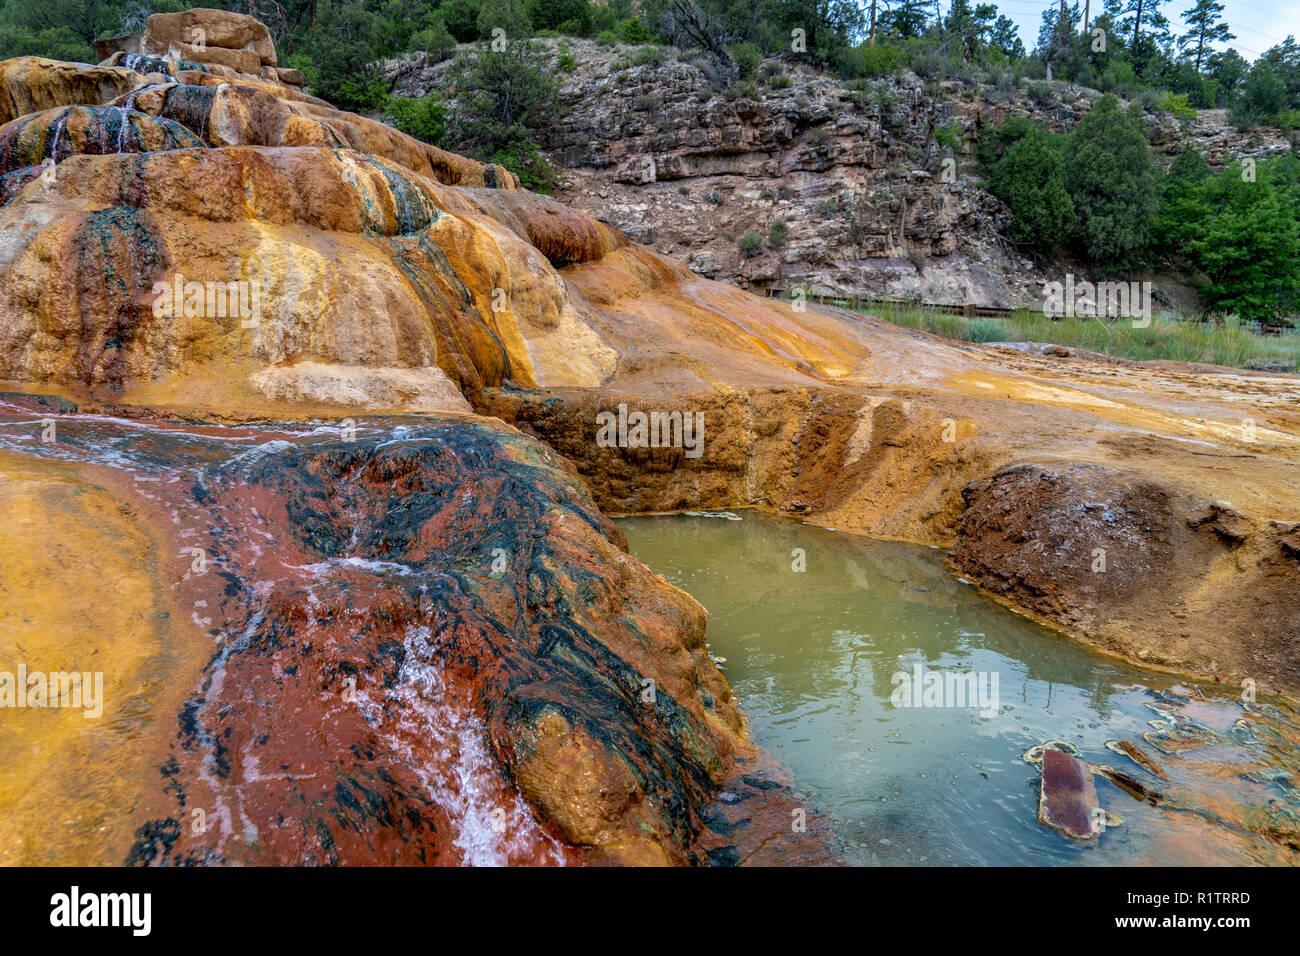 Durango Hot Springs >> Pinkerton Hot Springs Outside Of Durango Colorado Along The